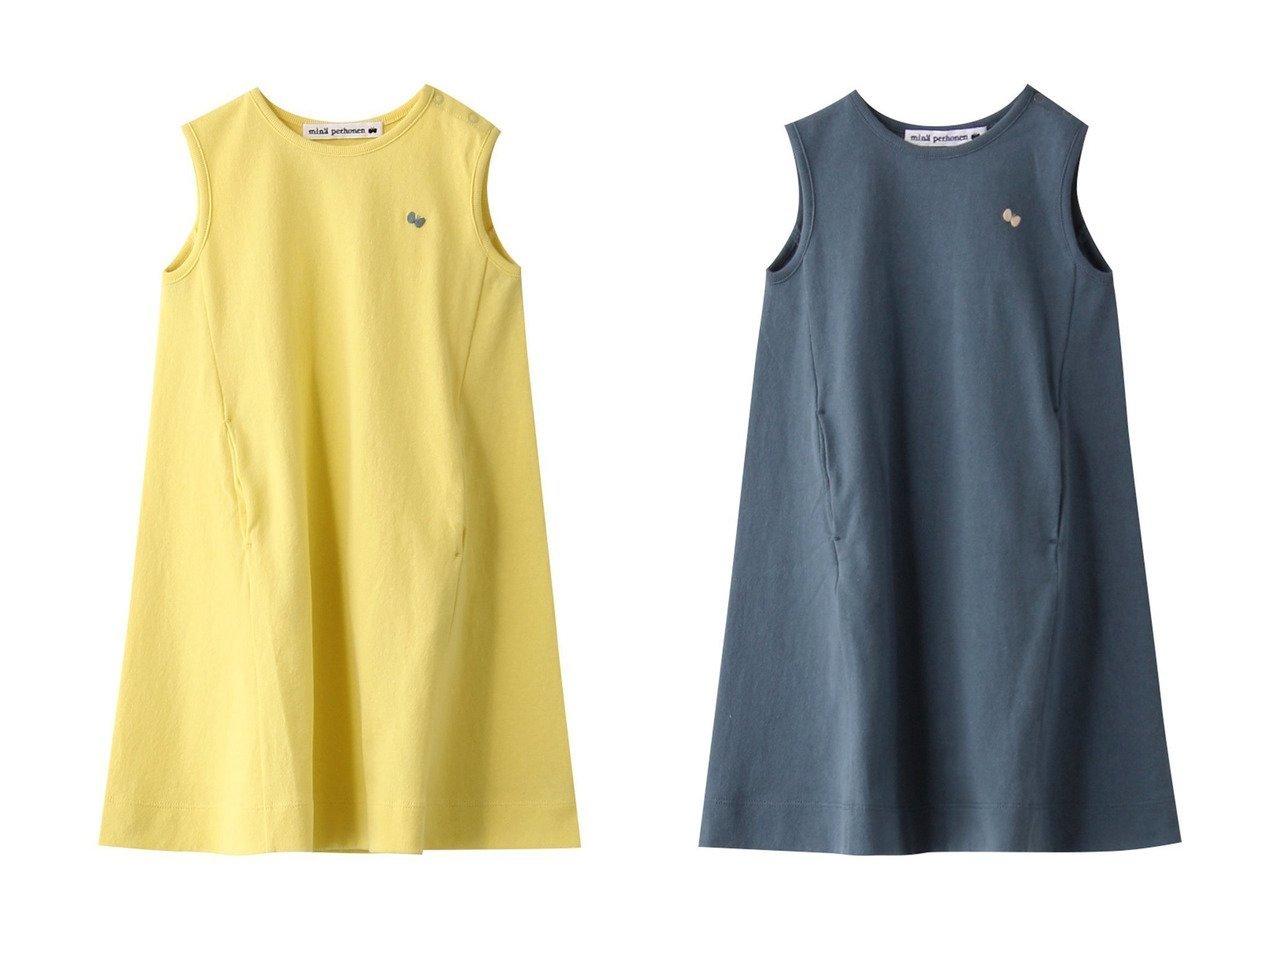 【mina perhonen / KIDS/ミナ ペルホネン】の【Baby】itsumo ワンピース 【BABY】ベビー服のおすすめ!人気、キッズファッションの通販  おすすめで人気の流行・トレンド、ファッションの通販商品 メンズファッション・キッズファッション・インテリア・家具・レディースファッション・服の通販 founy(ファニー) https://founy.com/ ファッション Fashion キッズファッション KIDS トップス・カットソー Tops/Tees/Kids ワンピース Dress/Kids S/S・春夏 SS・Spring/Summer シンプル ノースリーブ ベビー ワンポイント 春 Spring |ID:crp329100000033499